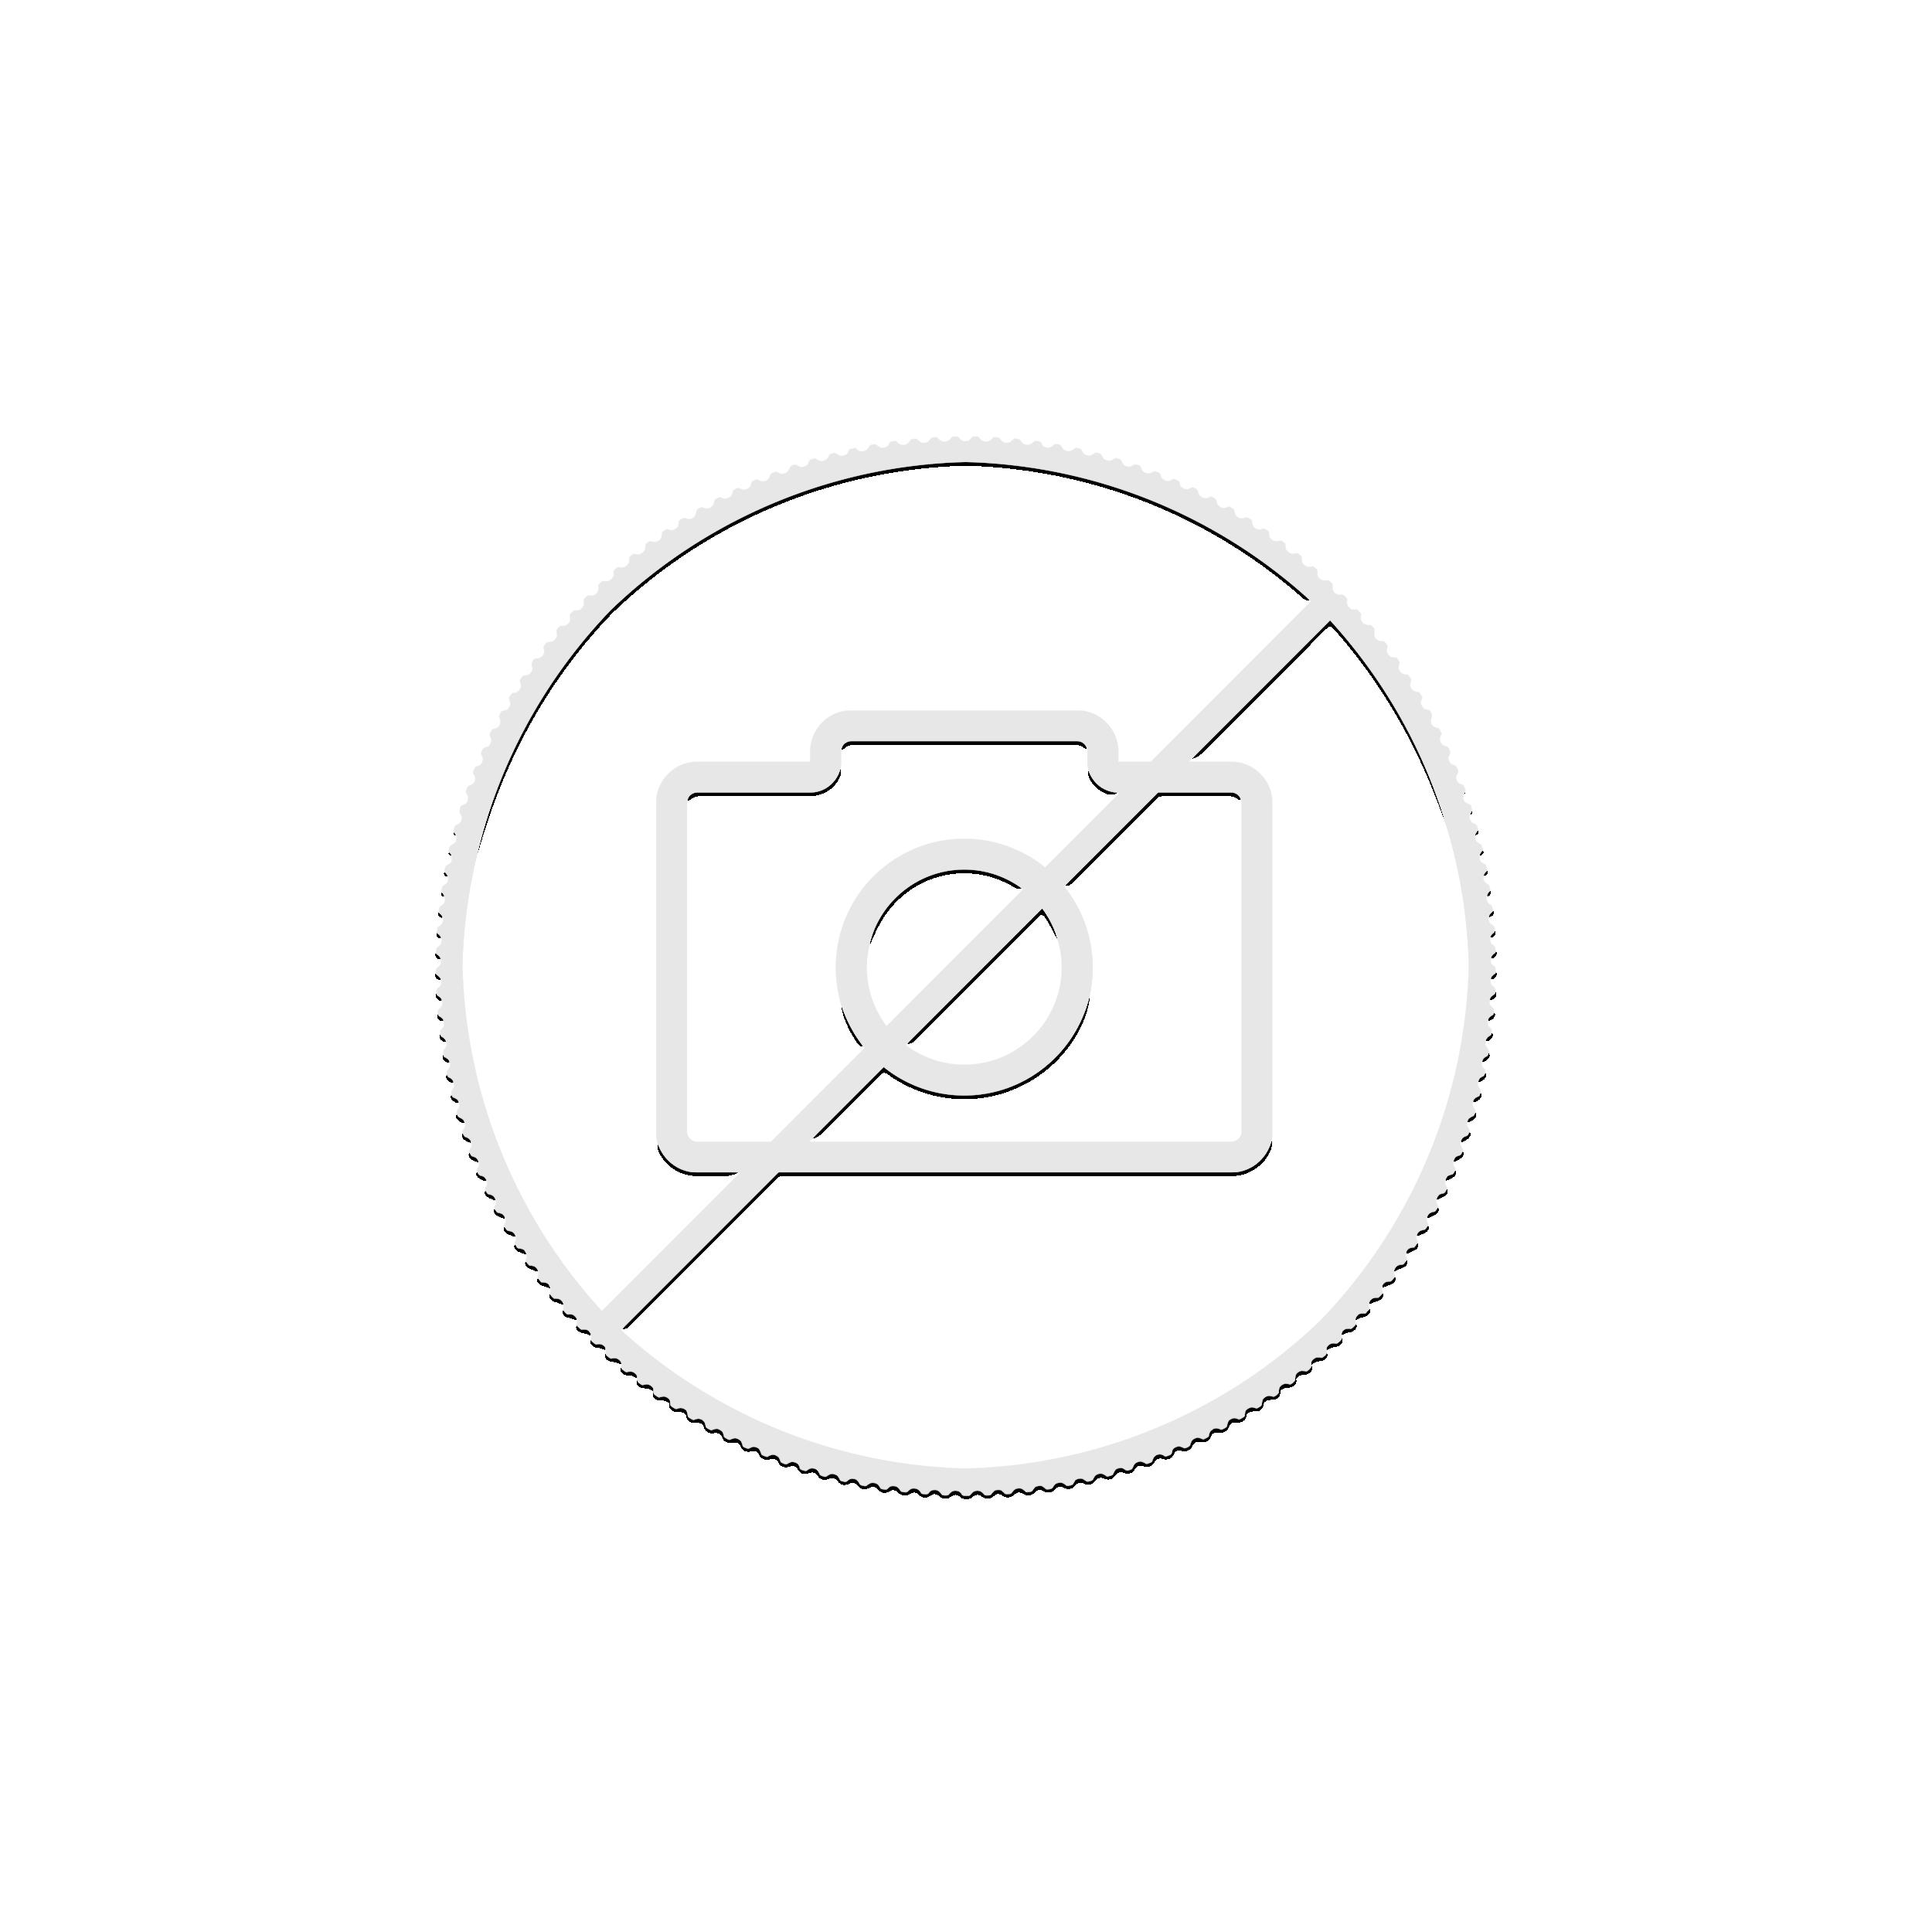 1 troy ounce zilveren munt Lunar RAM serie Os 2021